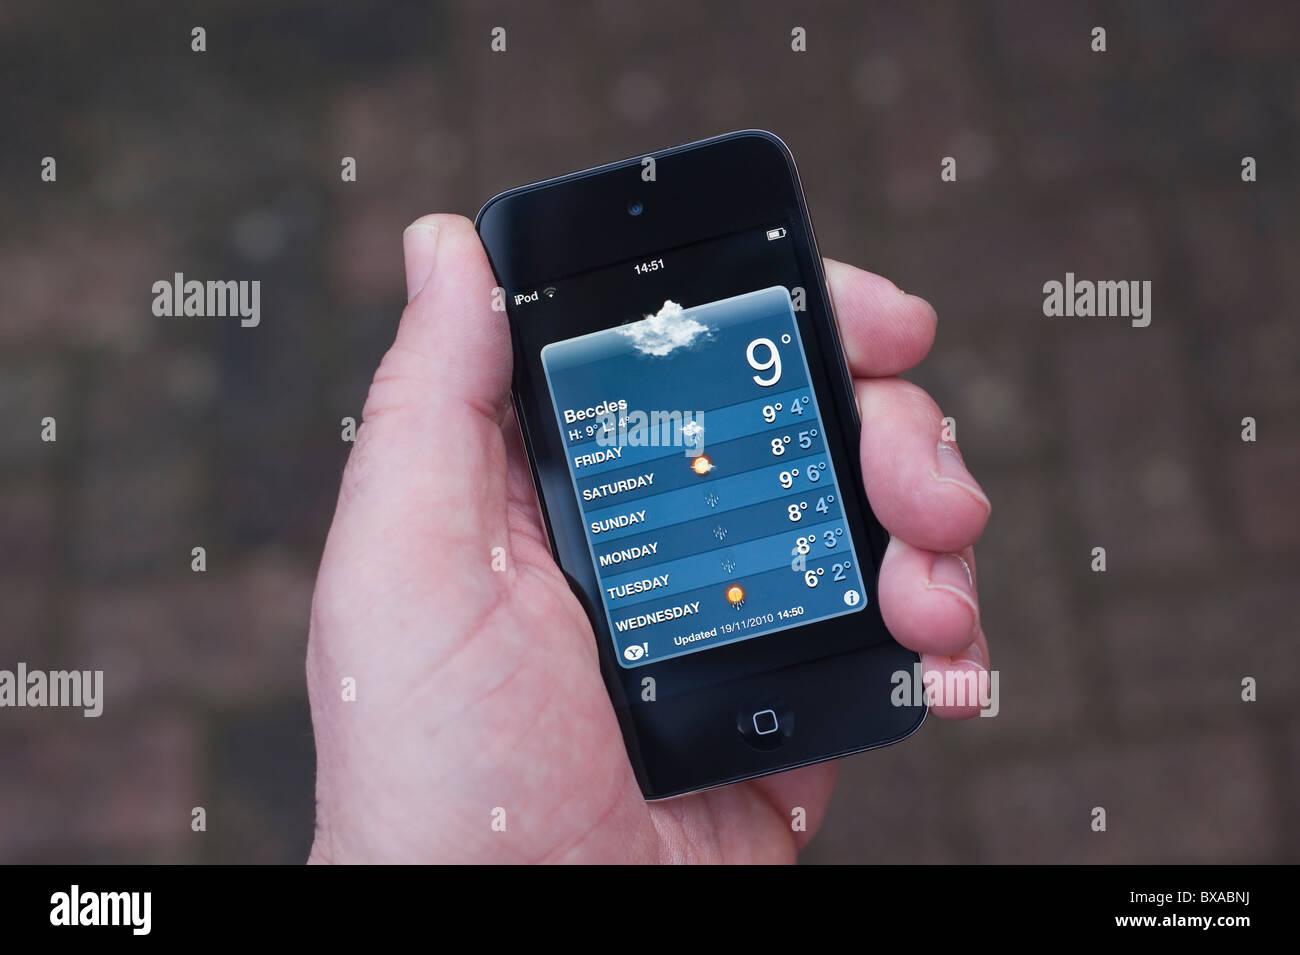 Der neue Apple Ipod Touch 4. Generation 4G 32gb Mediaplayer mit Internet-Anschluss mit Wettervorhersage Stockbild